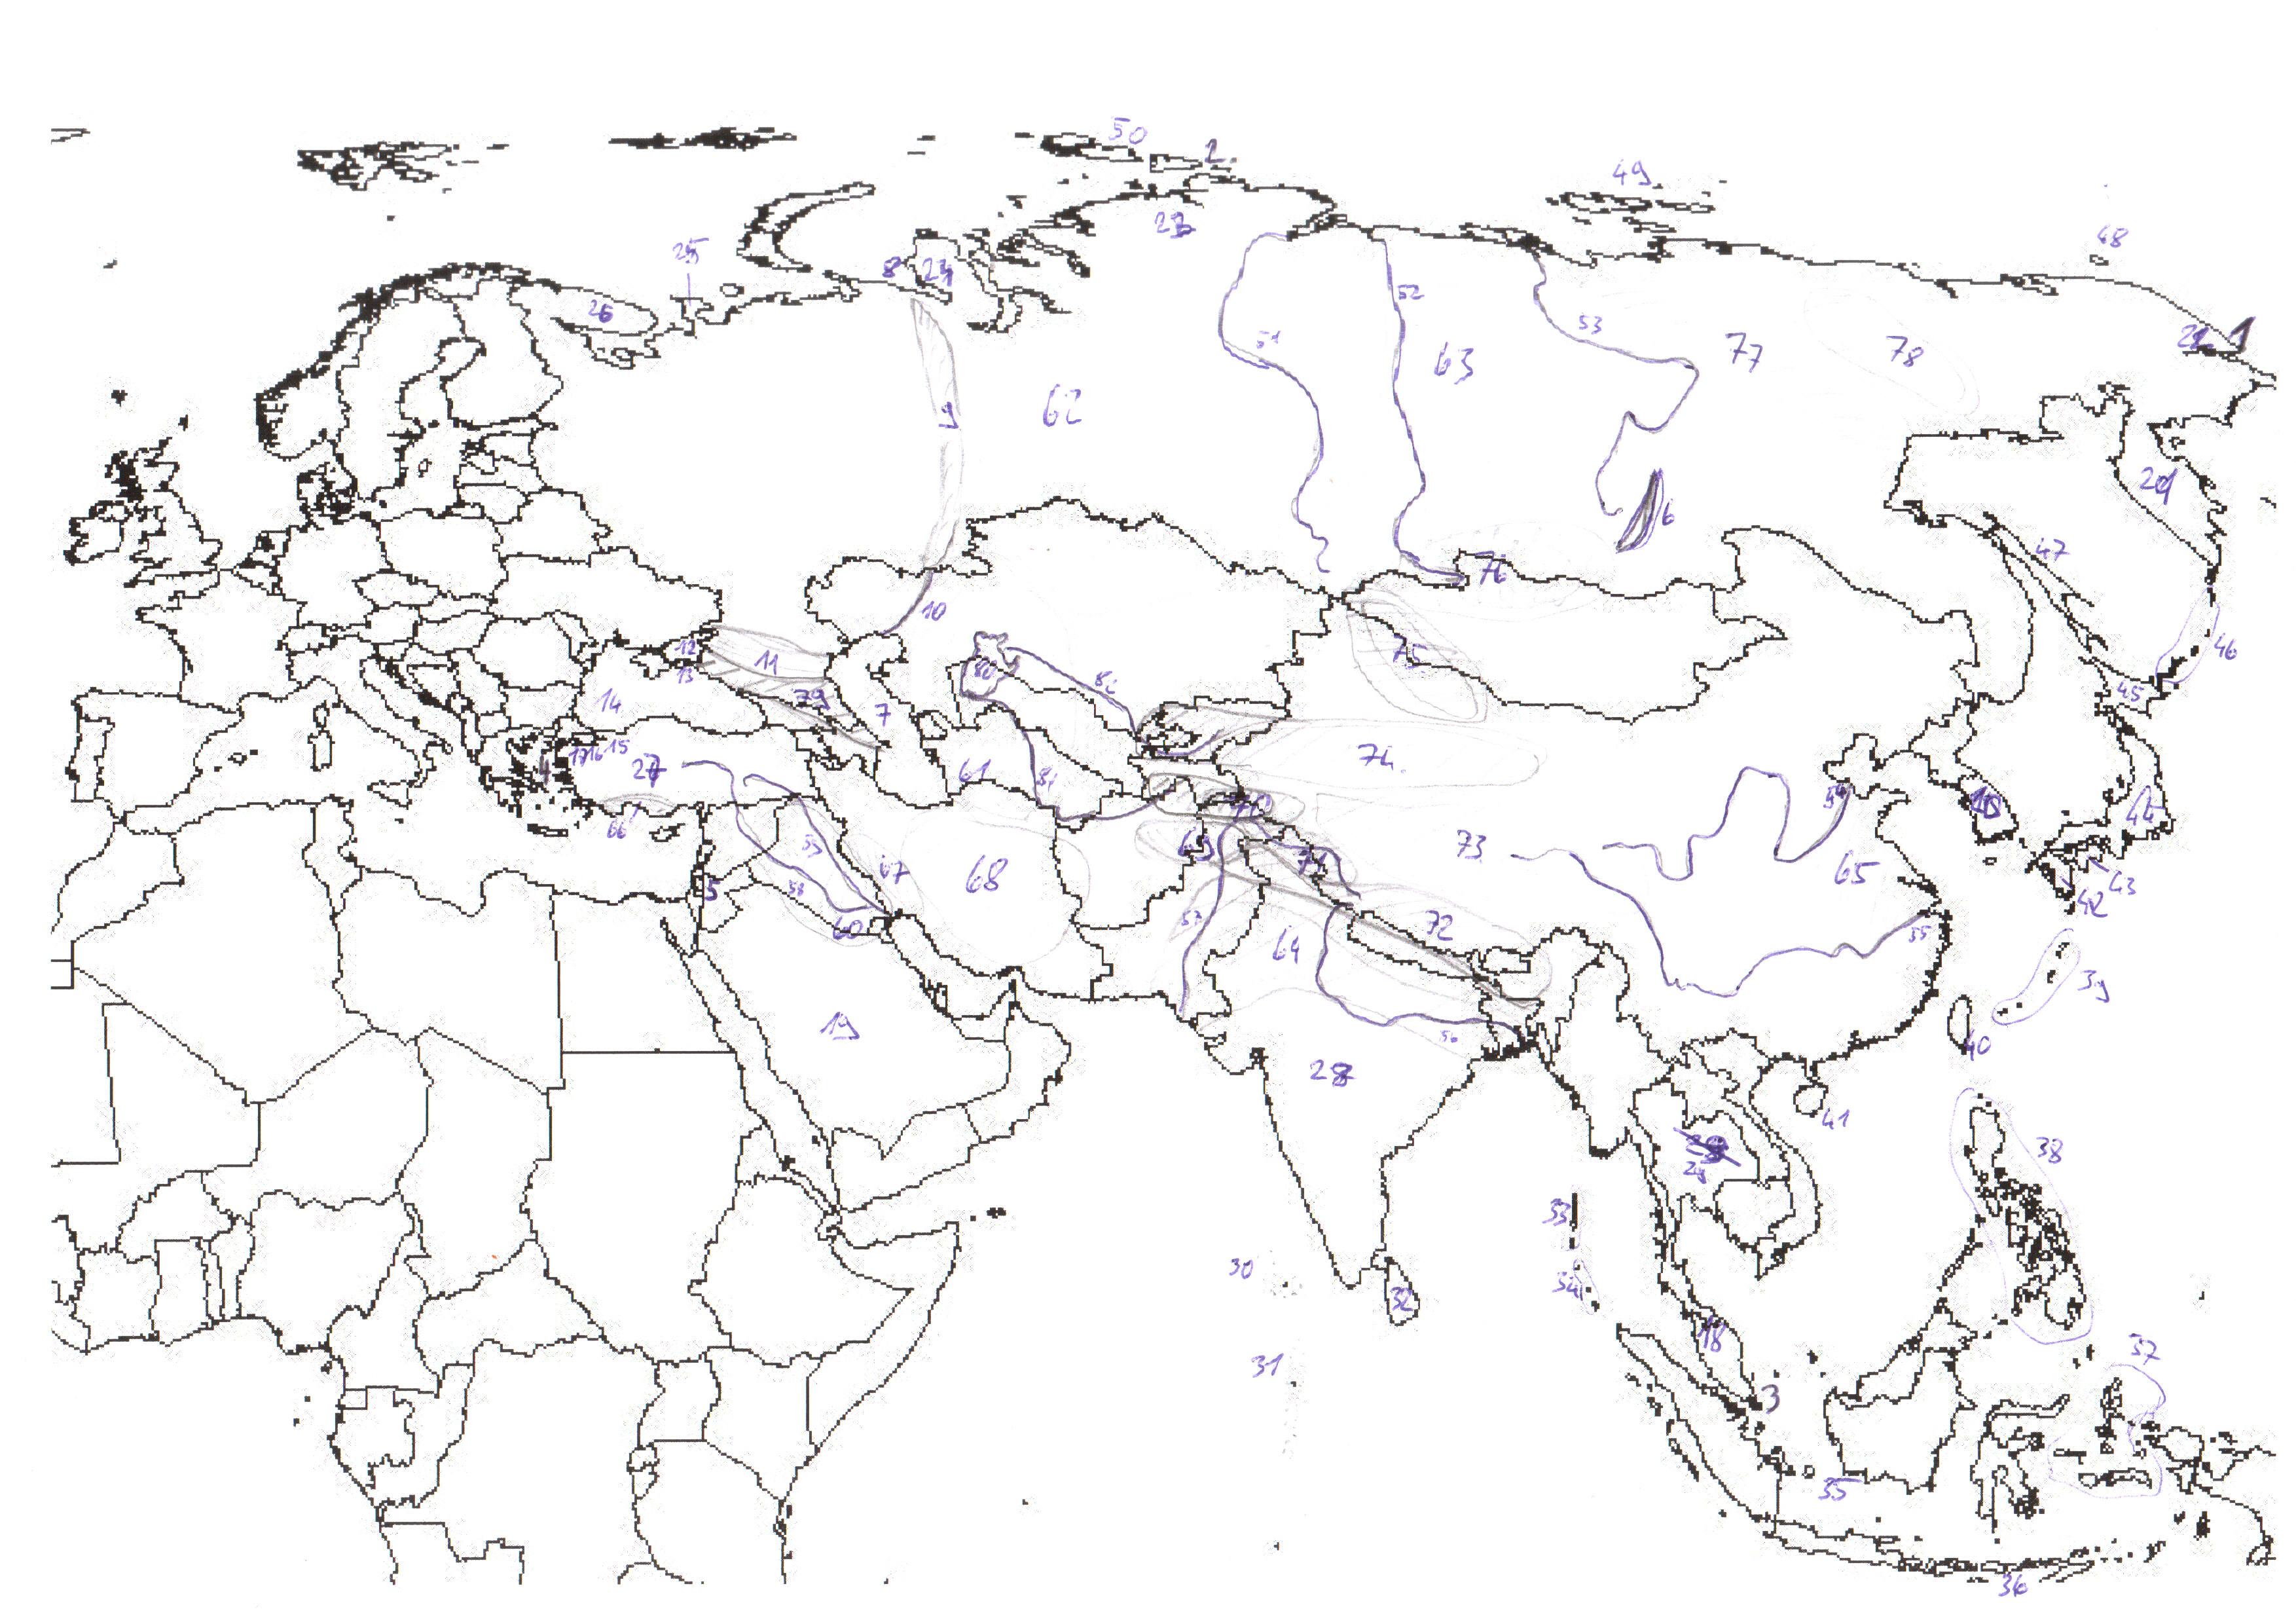 evropa vodstvo slepa mapa